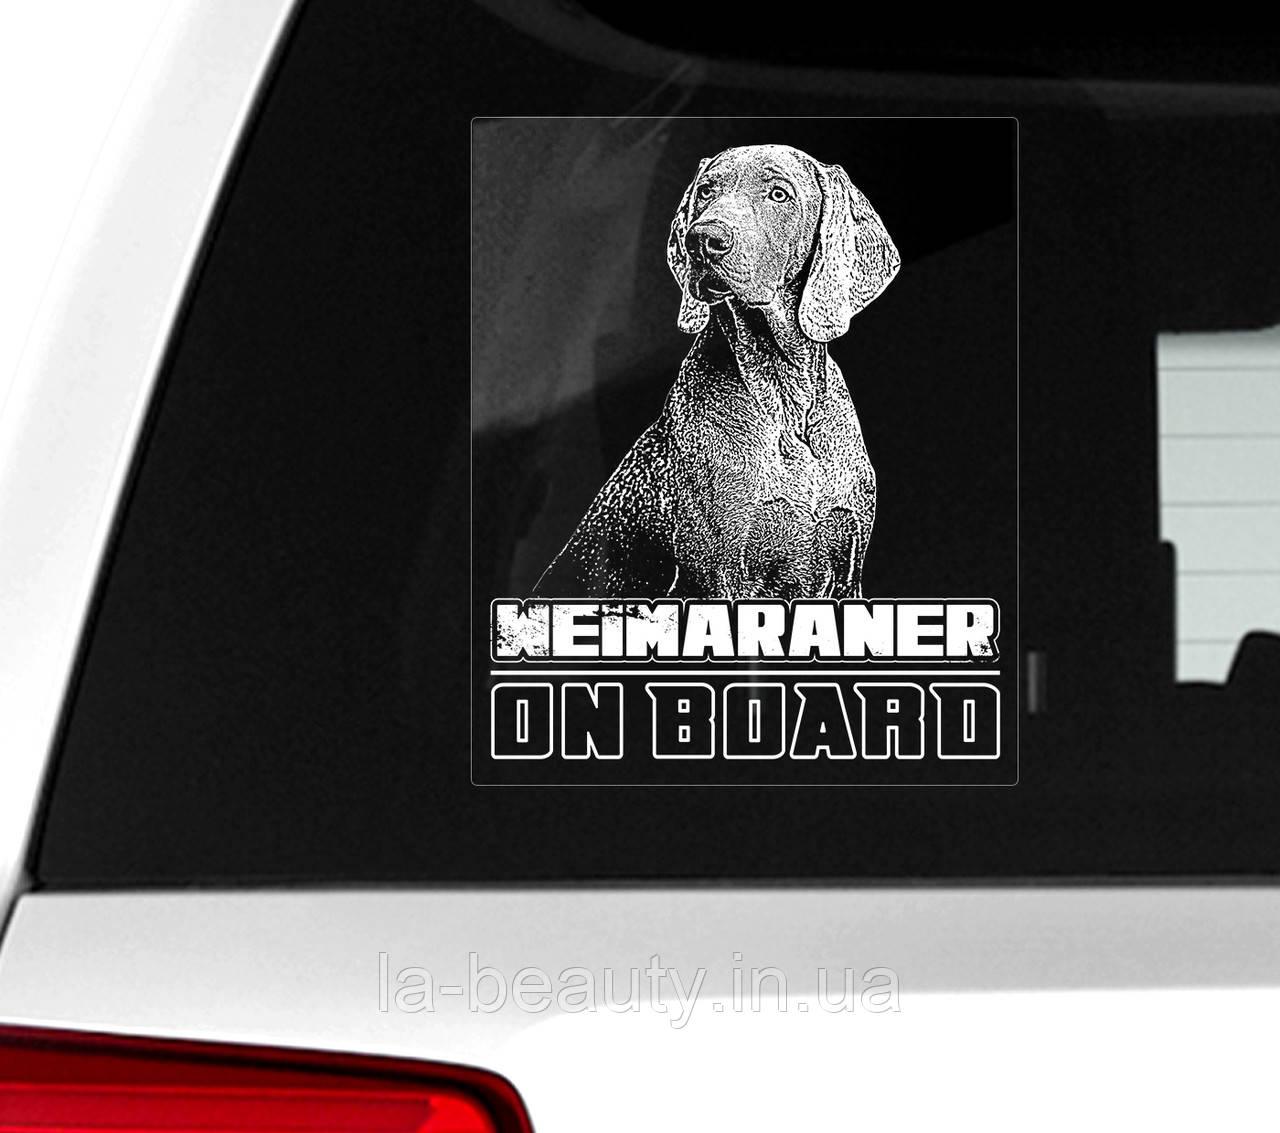 Наклейка на авто / машину Веймаранер на борту (Weimaraner On Board)